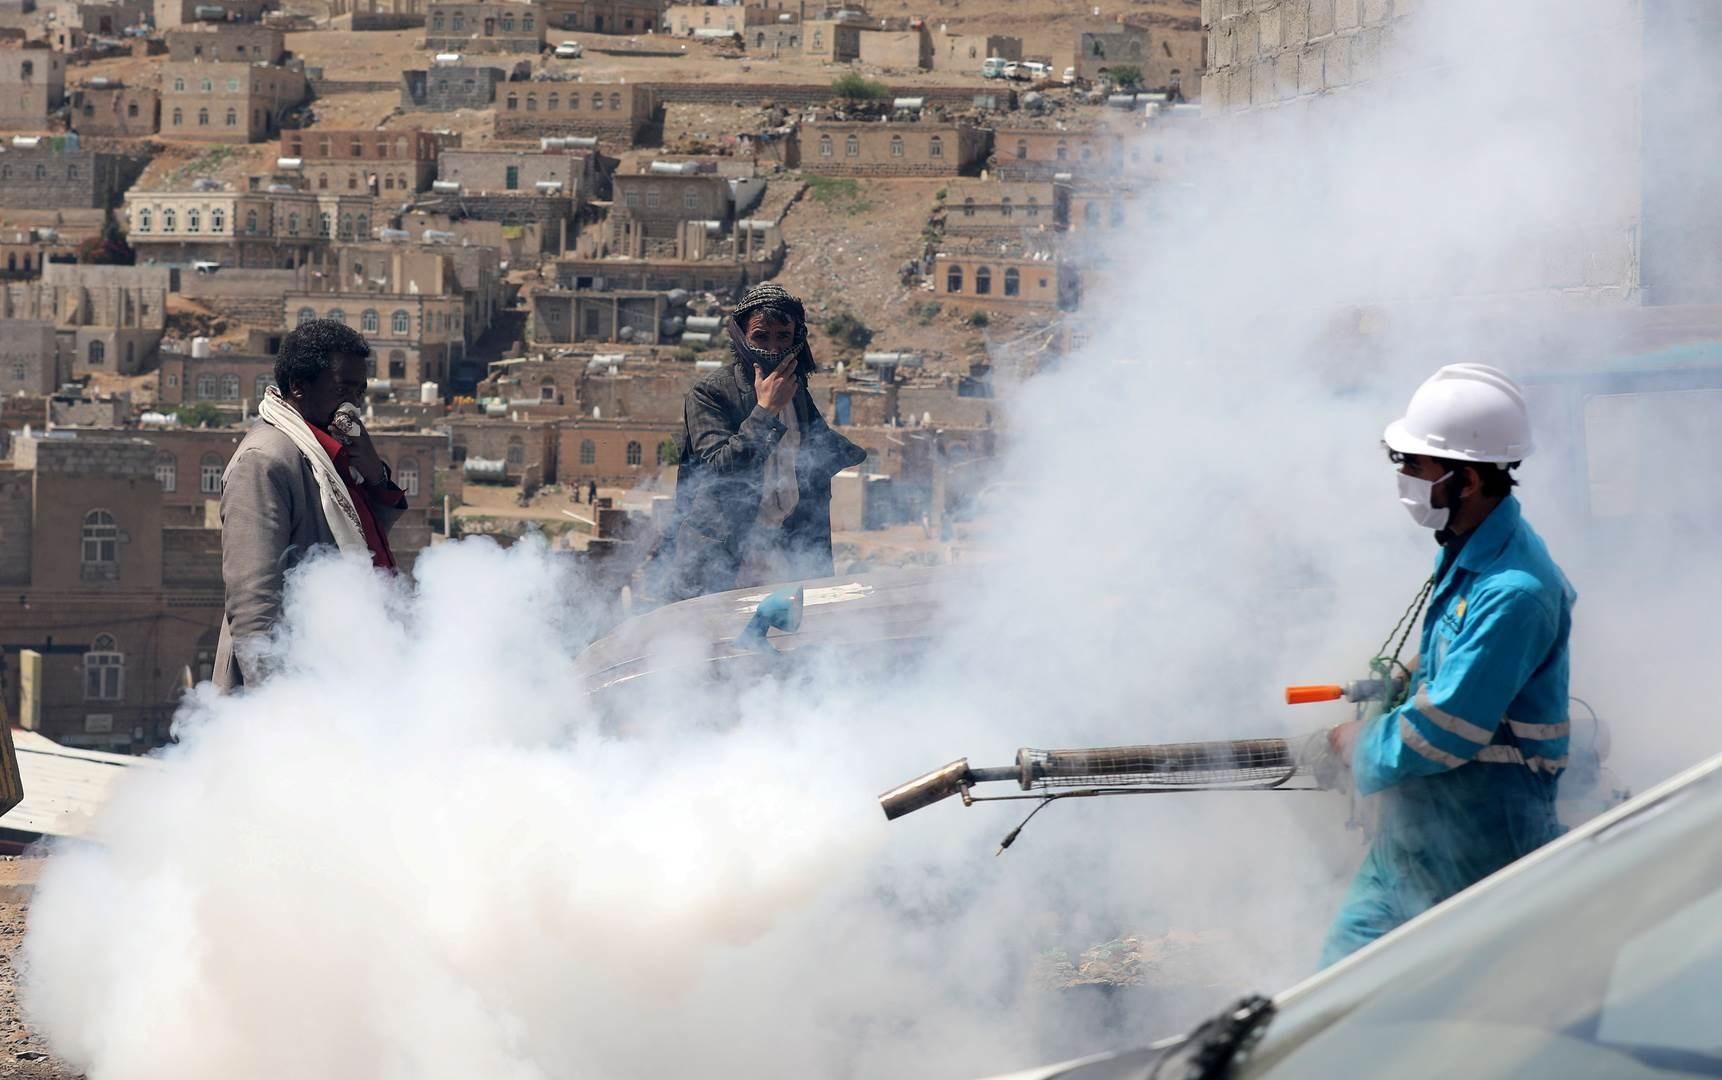 مكتب الأمم المتحدة في اليمن: عمليات شـراء وتوزيع الأكسجين ومعدات الوقاية الشخصية لاتزال من أهم الأولويات